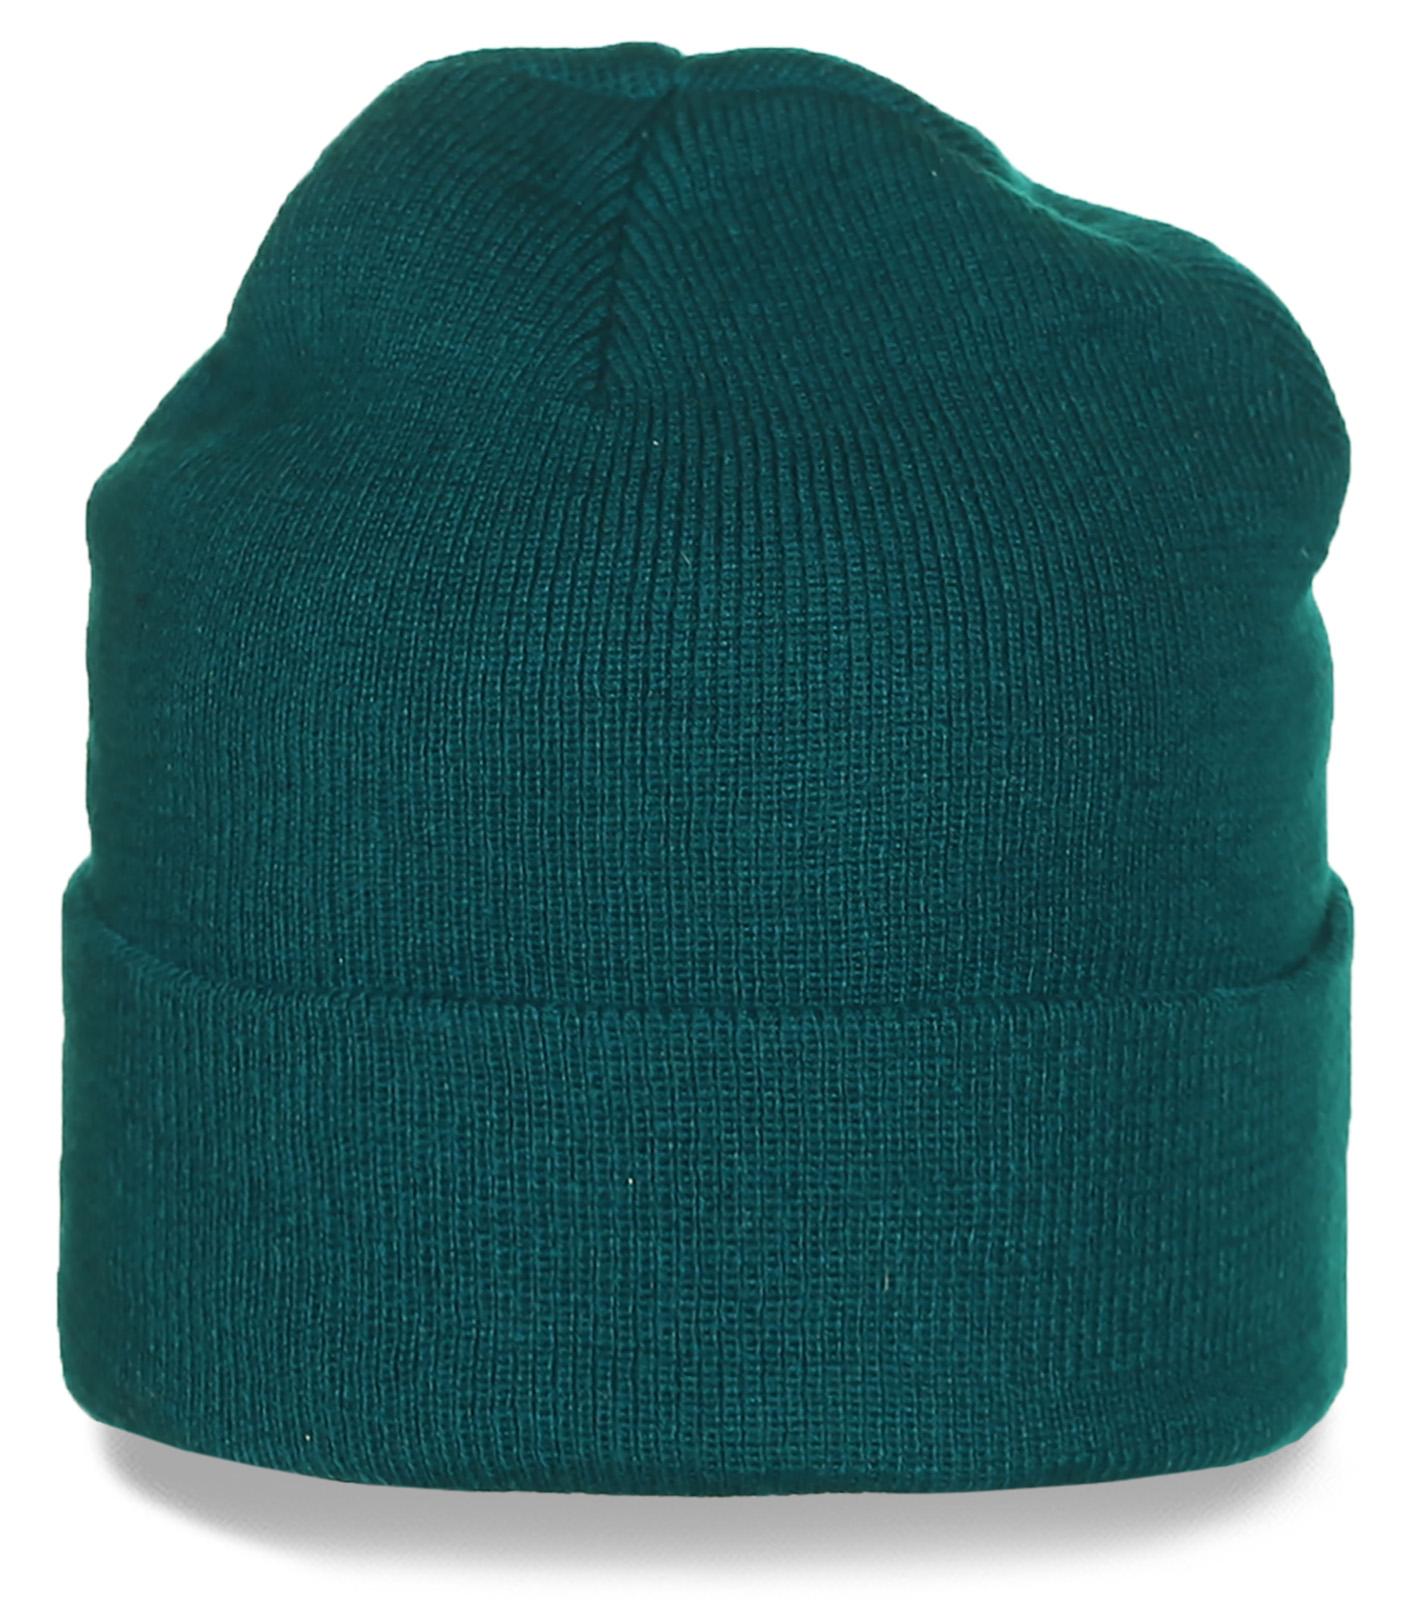 Качественная шапка с подворотом. Универсальный цвет, удобная форма